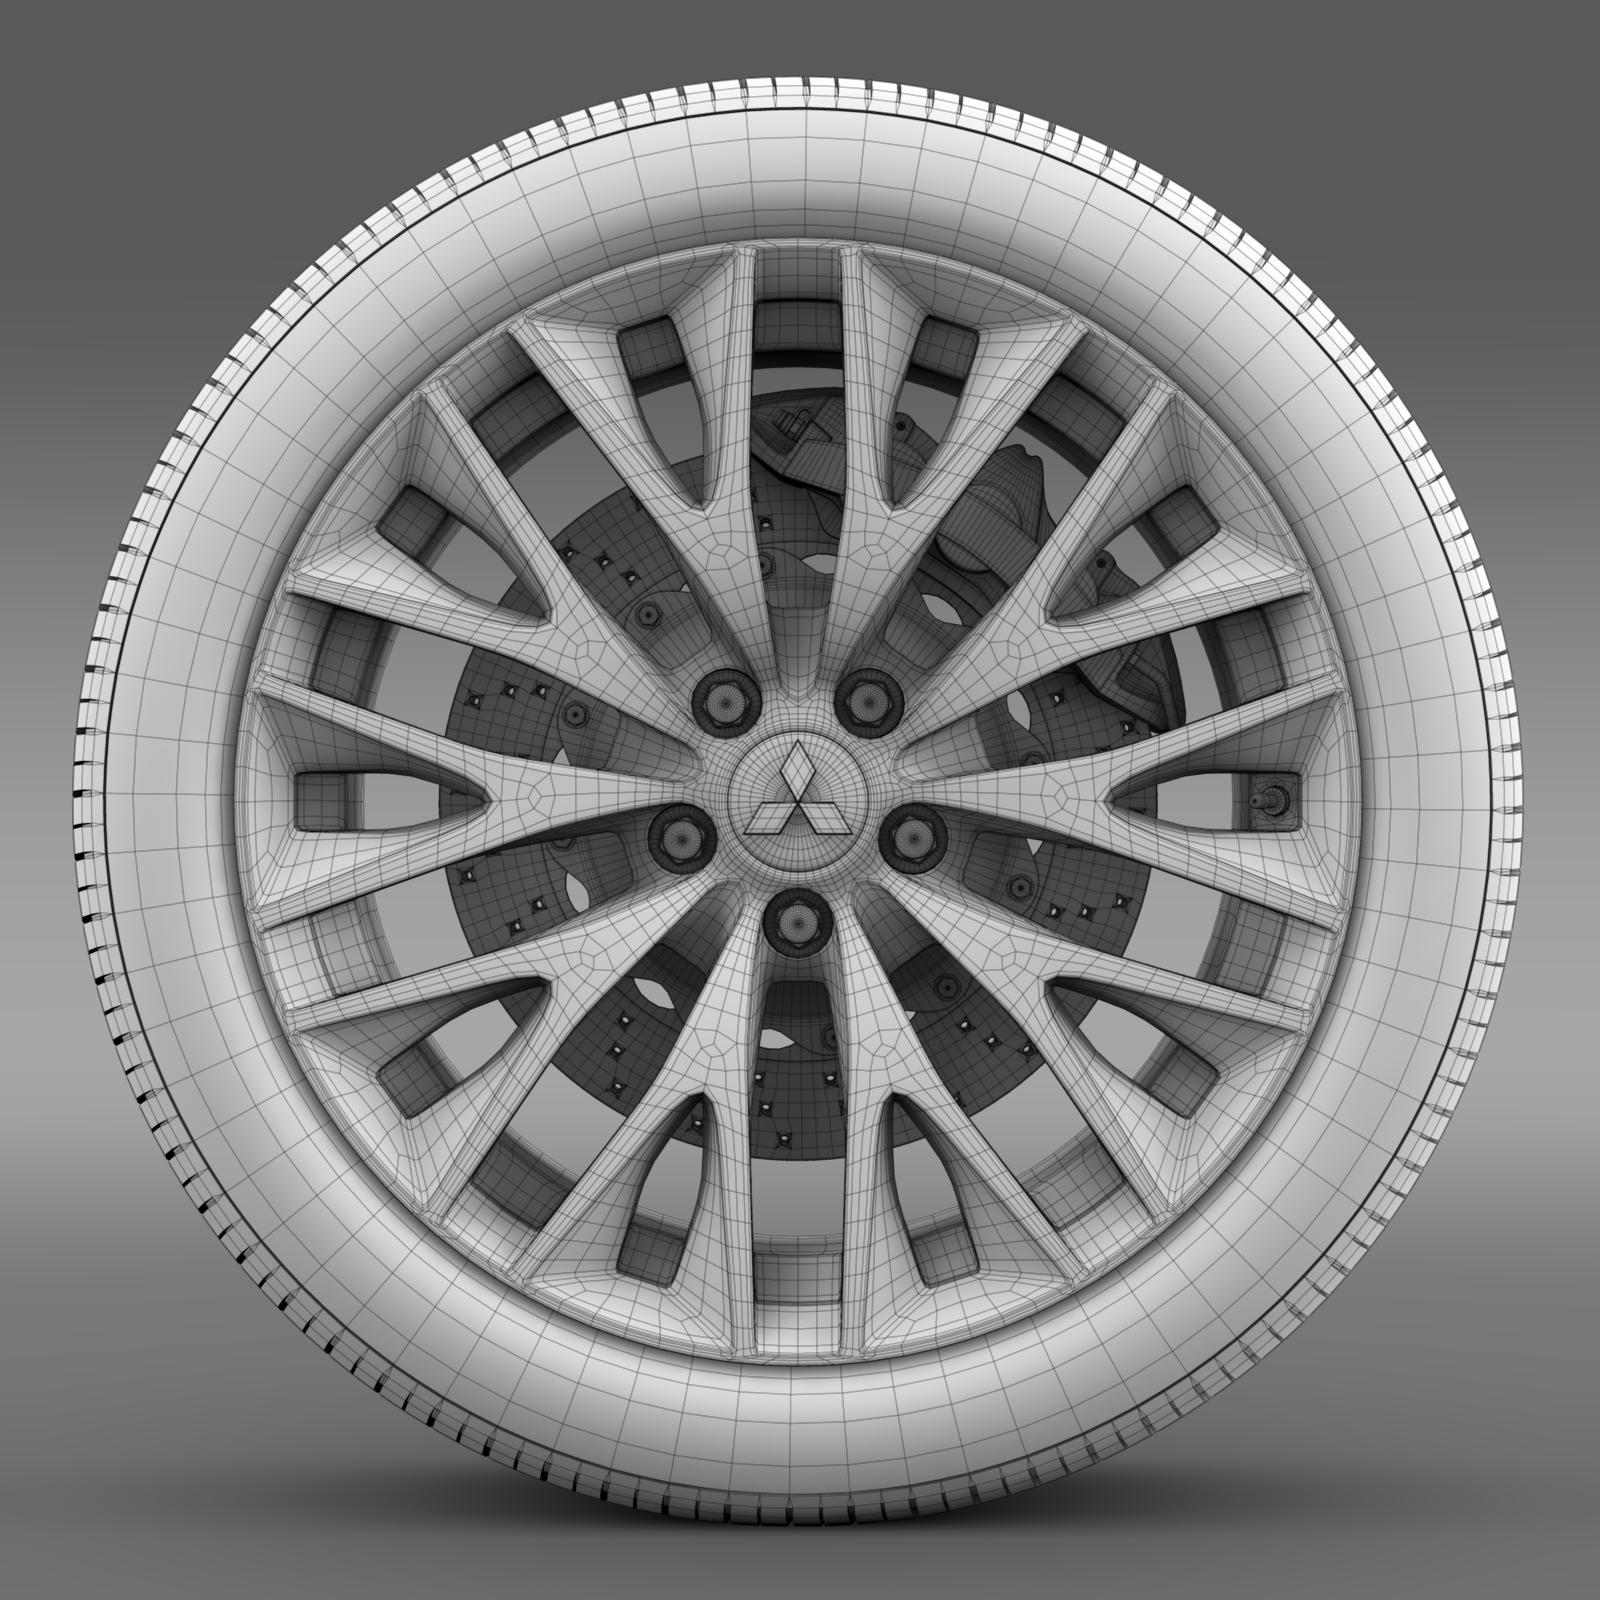 mitsubishi dignity wheel 3d model 3ds max fbx c4d lwo ma mb hrc xsi obj 210807